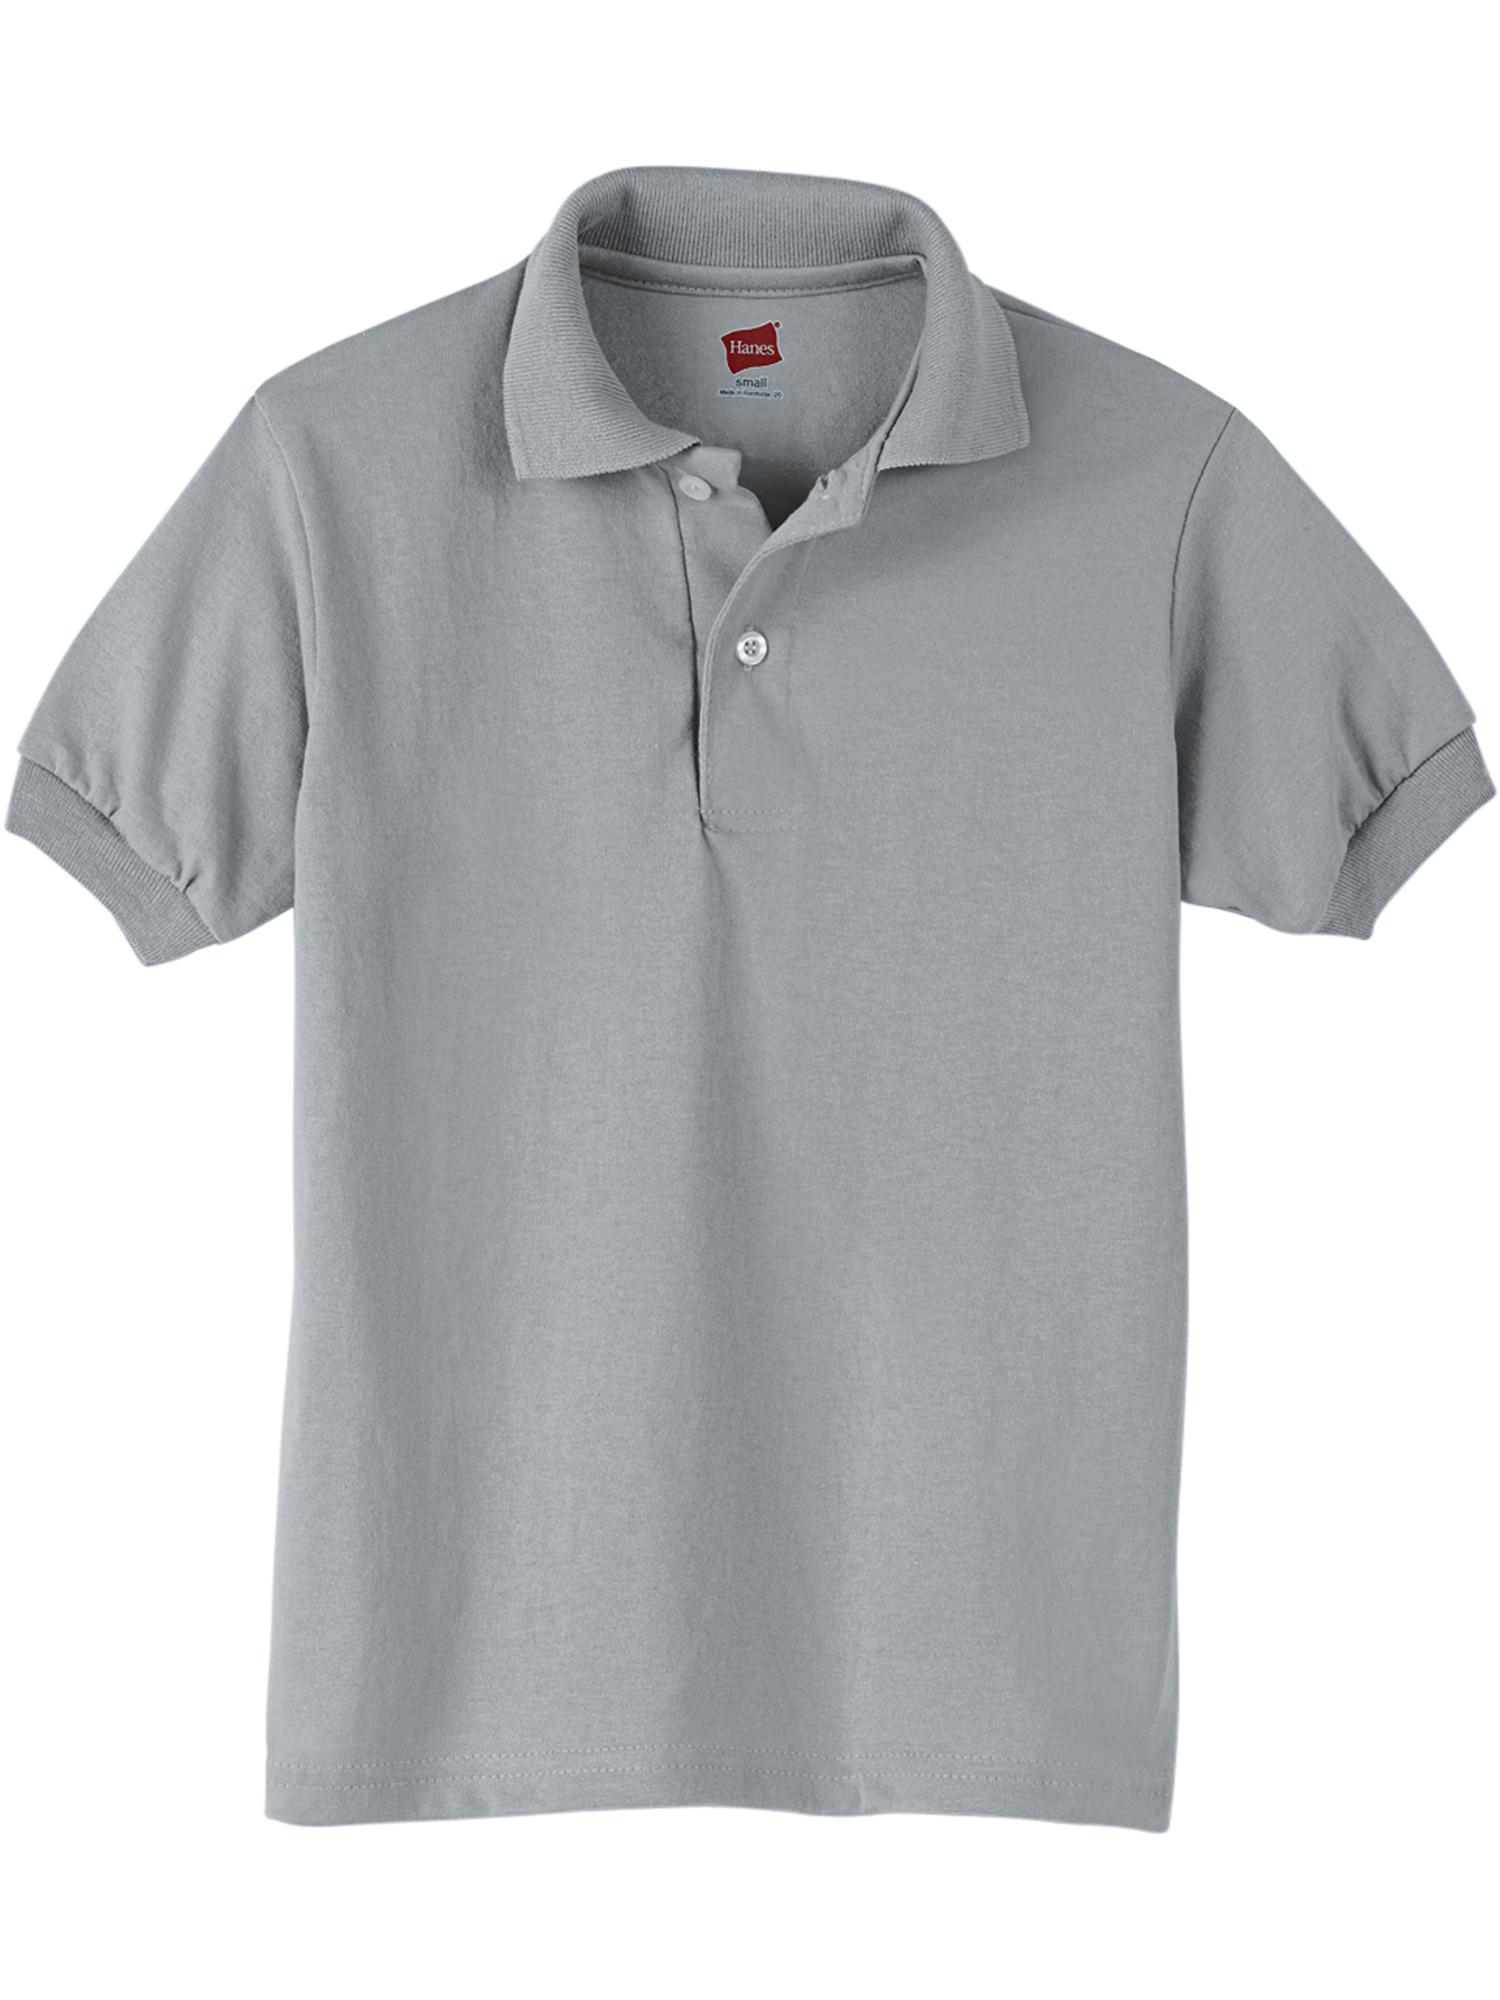 Kids Lightweight Comfortblend EcoSmart Jersey Polo